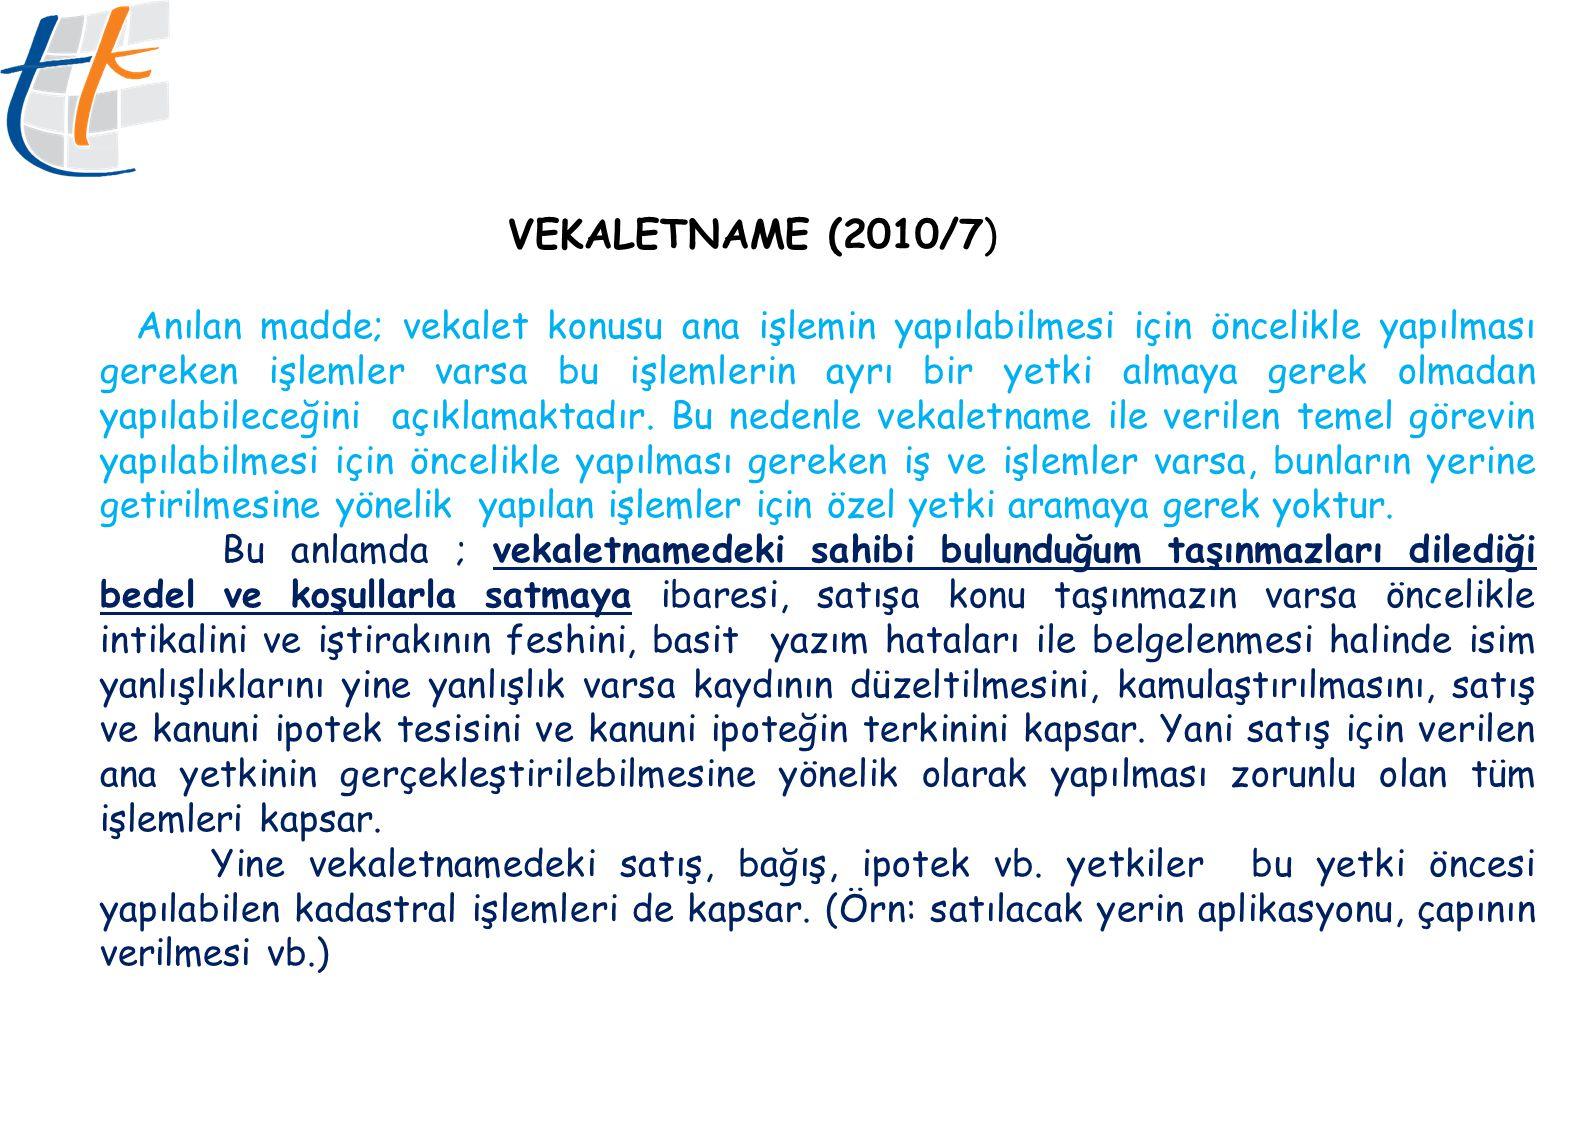 VEKALETNAME (2010/7) Anılan madde; vekalet konusu ana işlemin yapılabilmesi için öncelikle yapılması gereken işlemler varsa bu işlemlerin ayrı bir yet